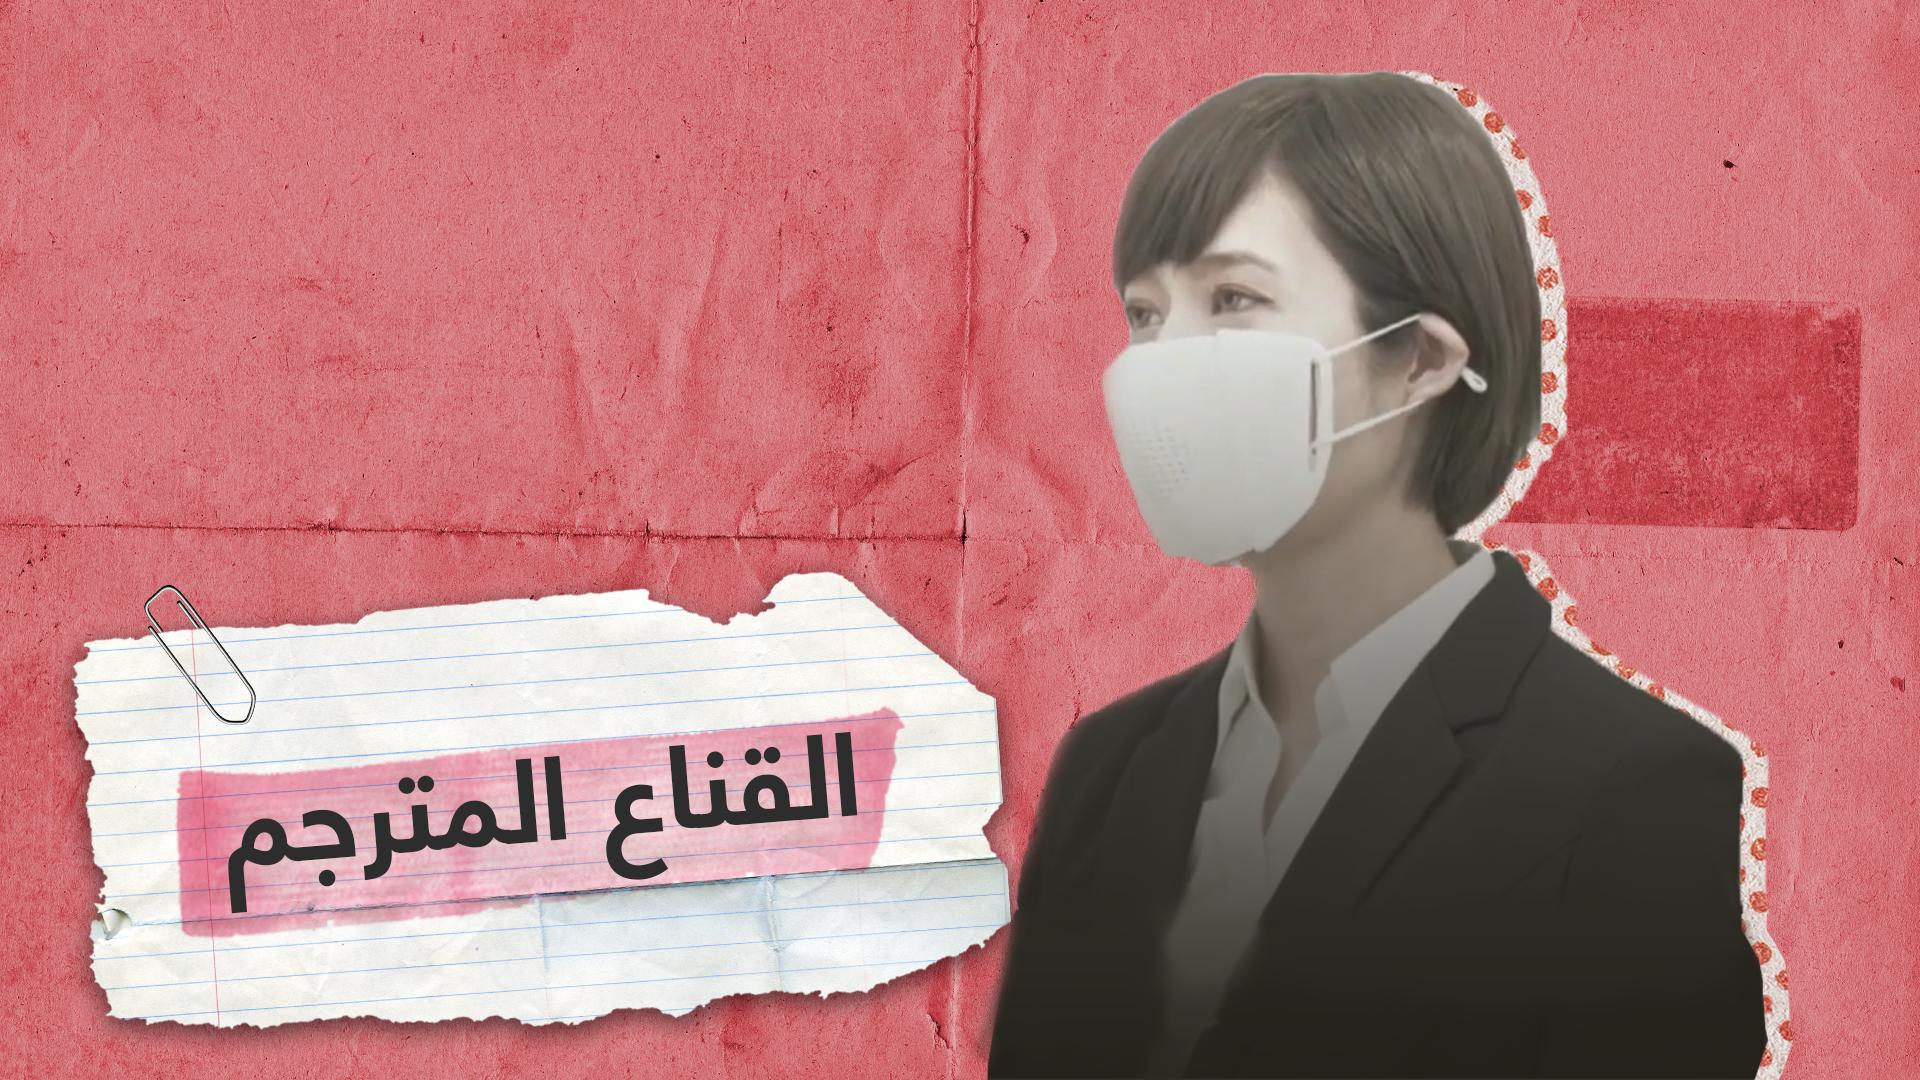 شركة يابانية تطور قناعا يترجم الكلام ل8 لغات